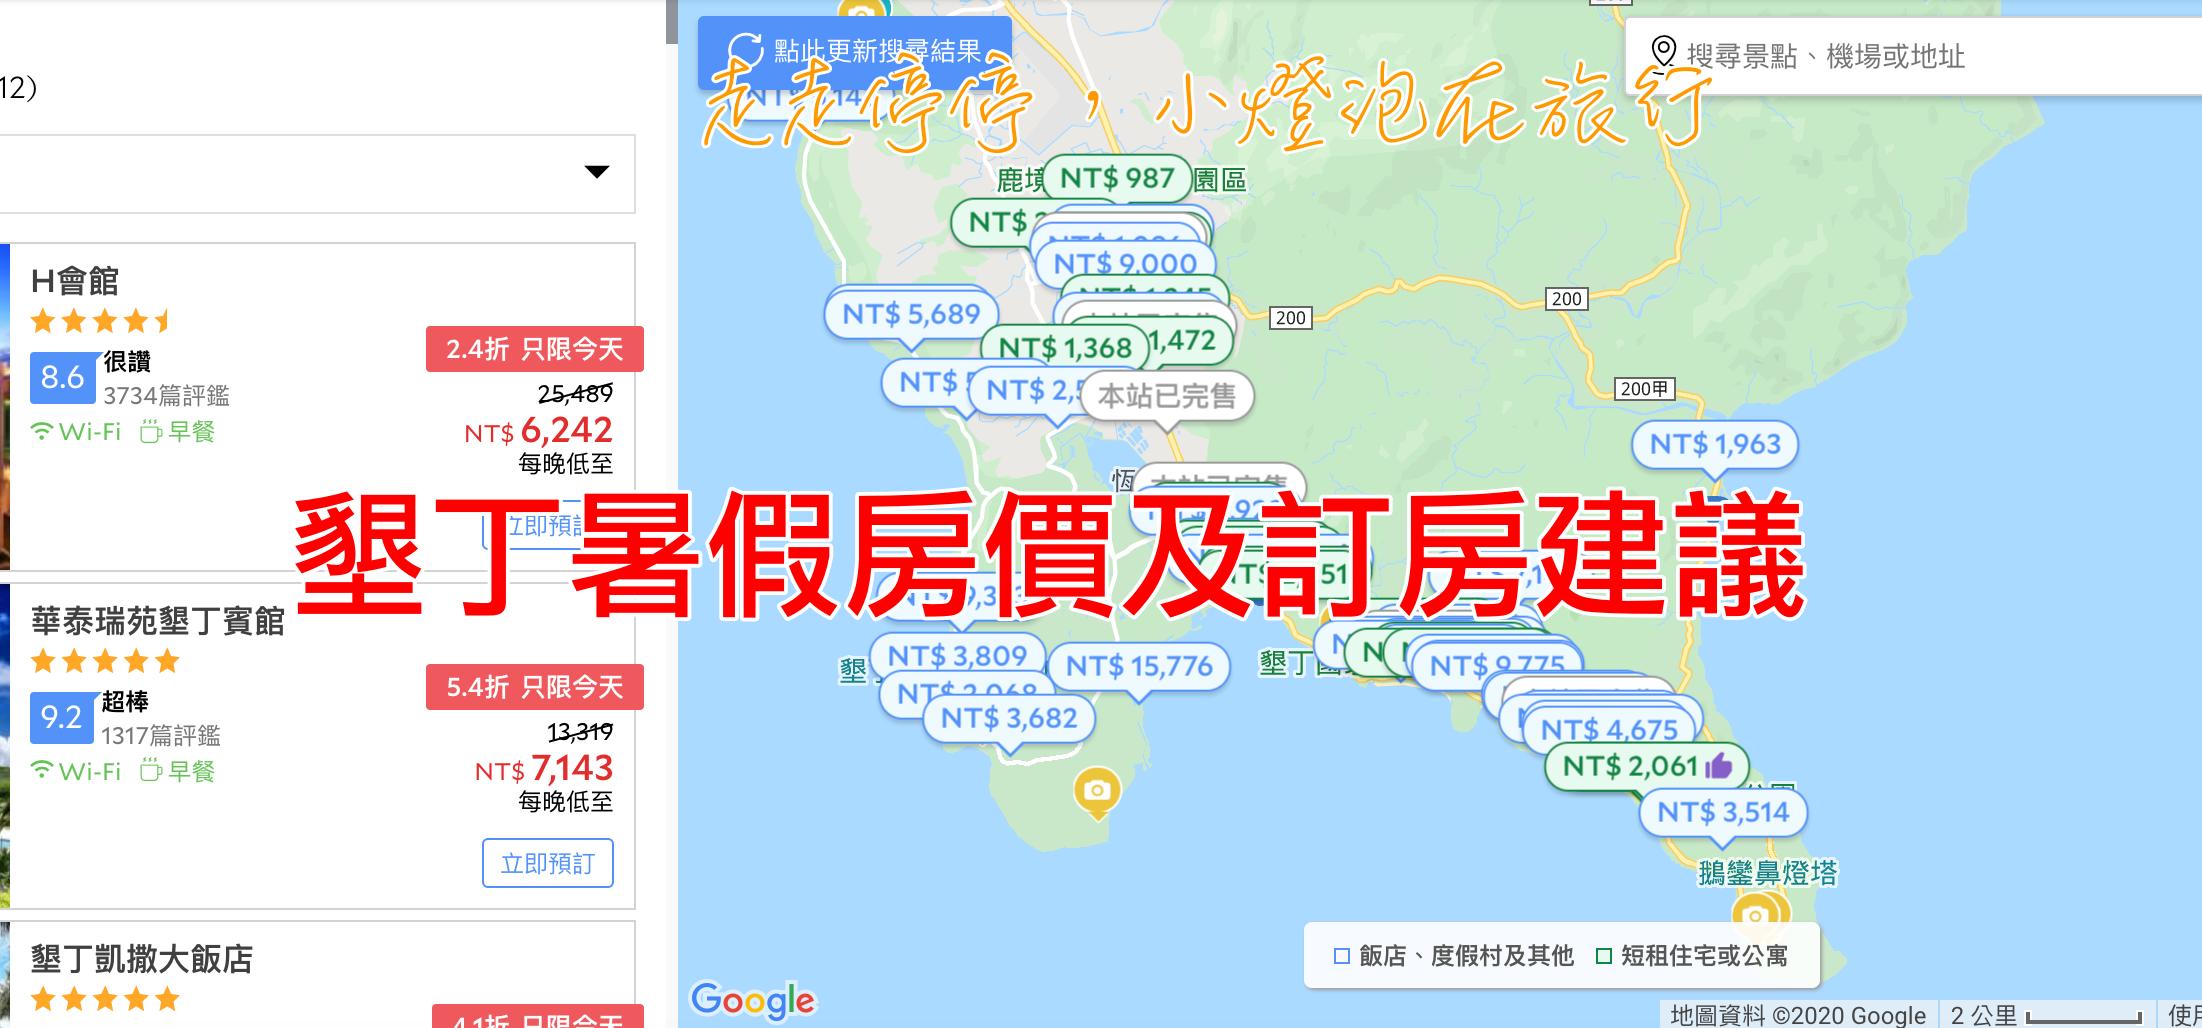 墾丁暑假爆發潮,熱門飯店房價攀升~建議訂房列表~